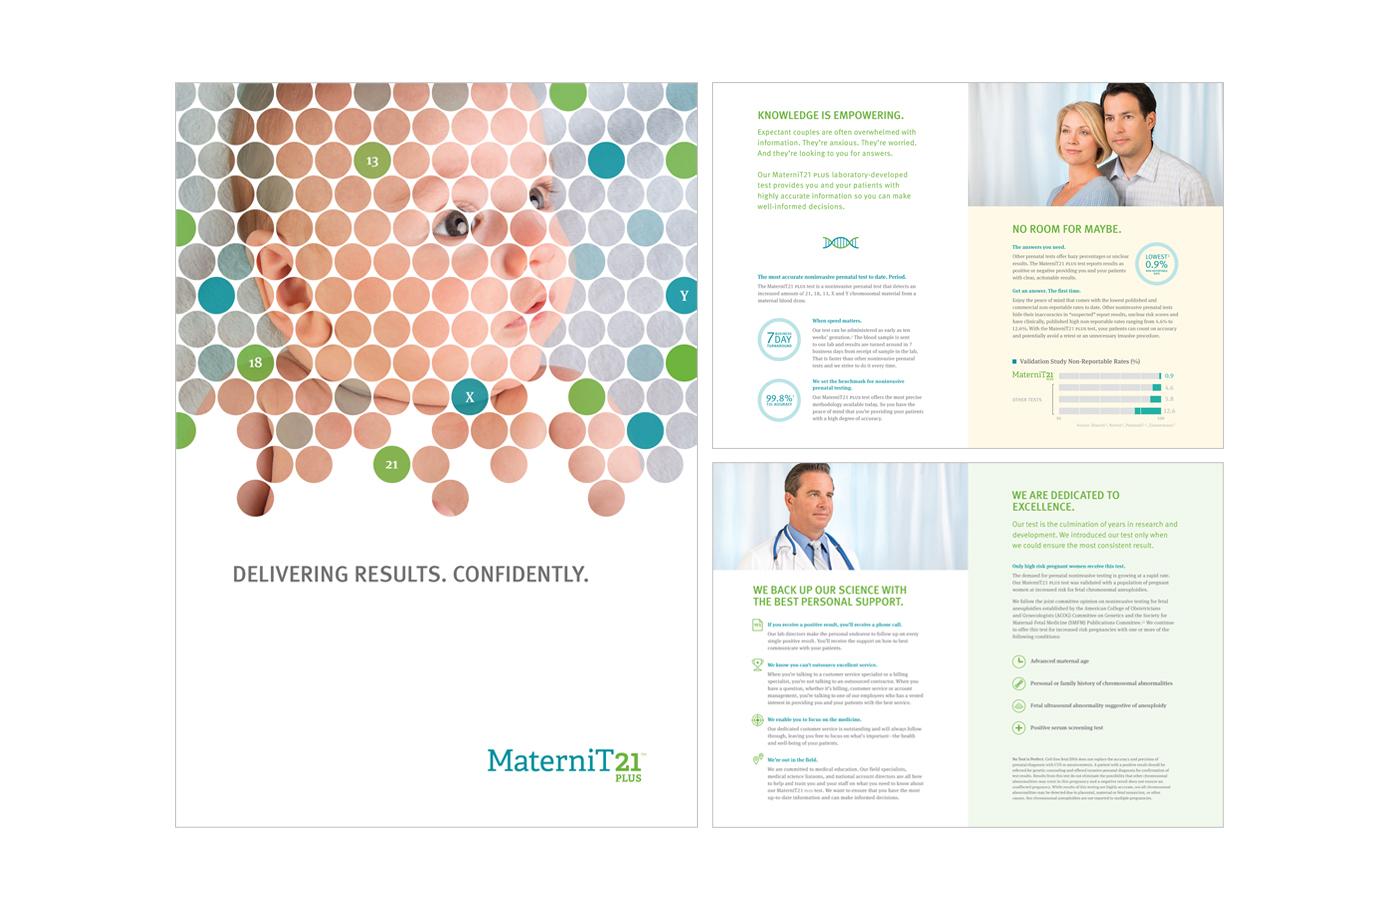 Sequenom_MaterniT21_Plus.jpg